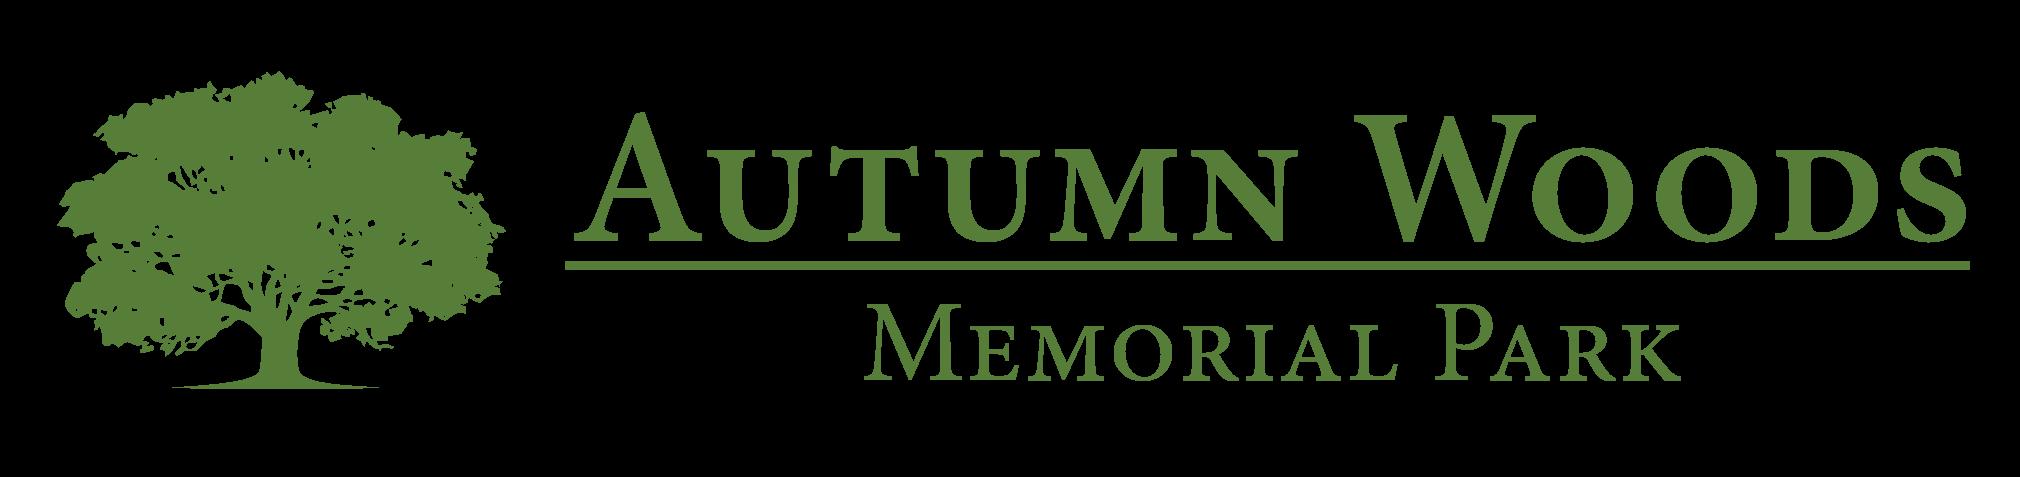 autumwoodshoriz-01.png